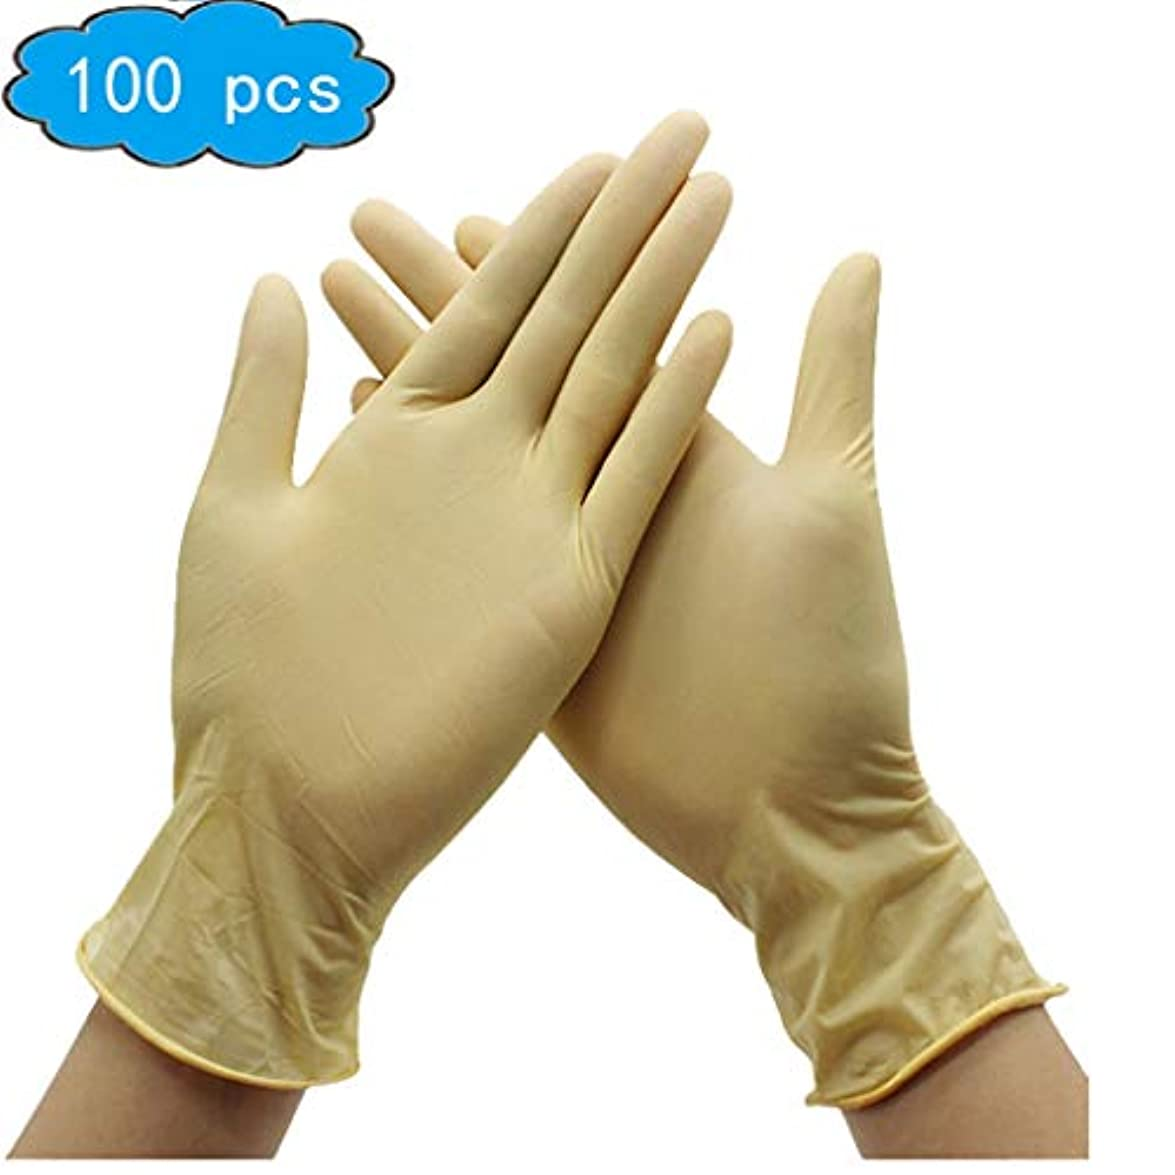 リンケージより平らなピカソラテックス手袋、試験/食品グレードの安全製品、使い捨て手袋および手袋Dispensers 100psc、衛生手袋、健康、家庭用ベビーケア (Color : Beige, Size : L)